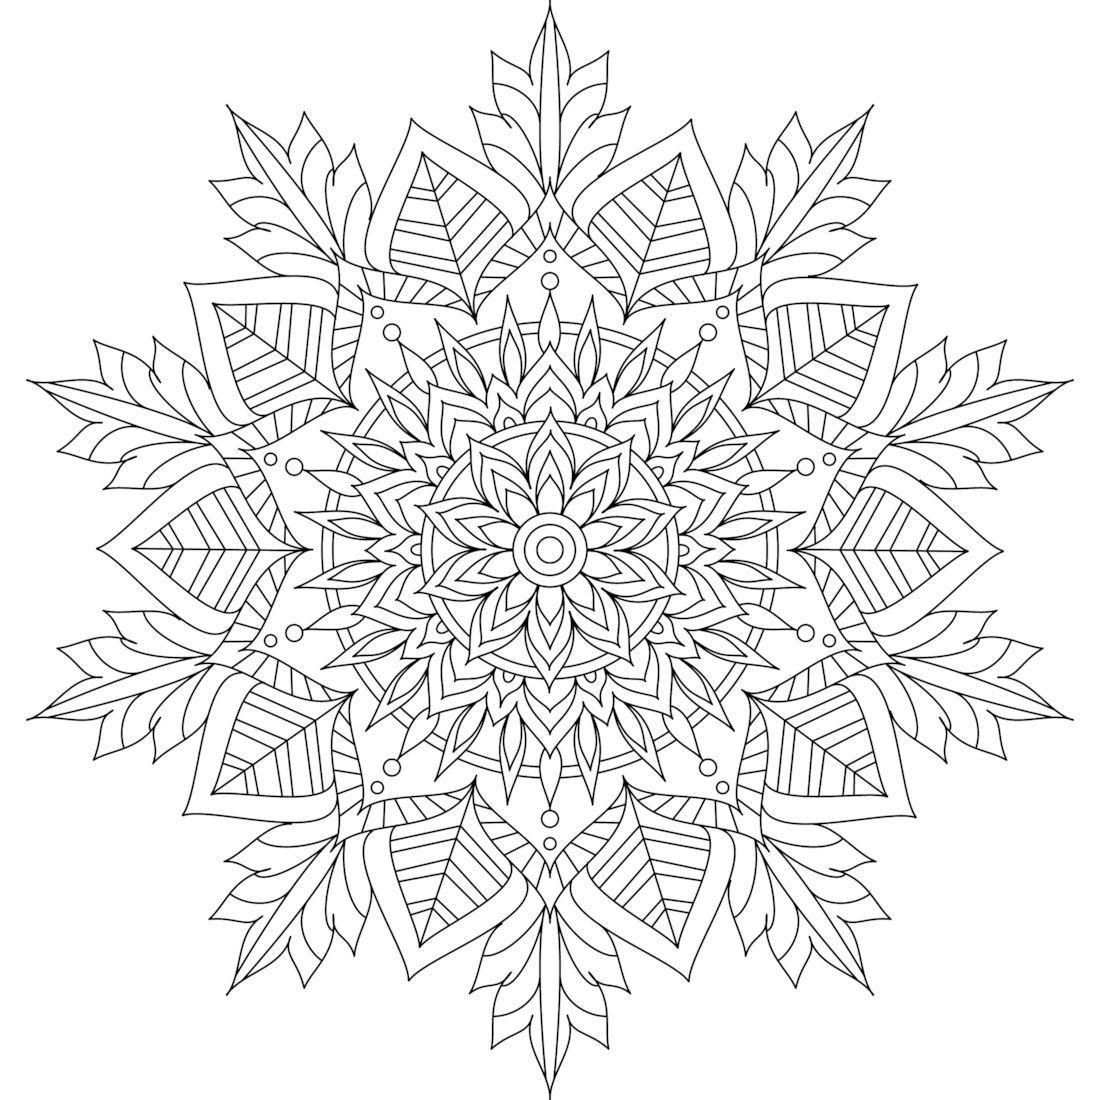 Pin By Jennifer Wilson On Dot Art Mandala Coloring Pages Snowflake Coloring Pages Coloring Pages